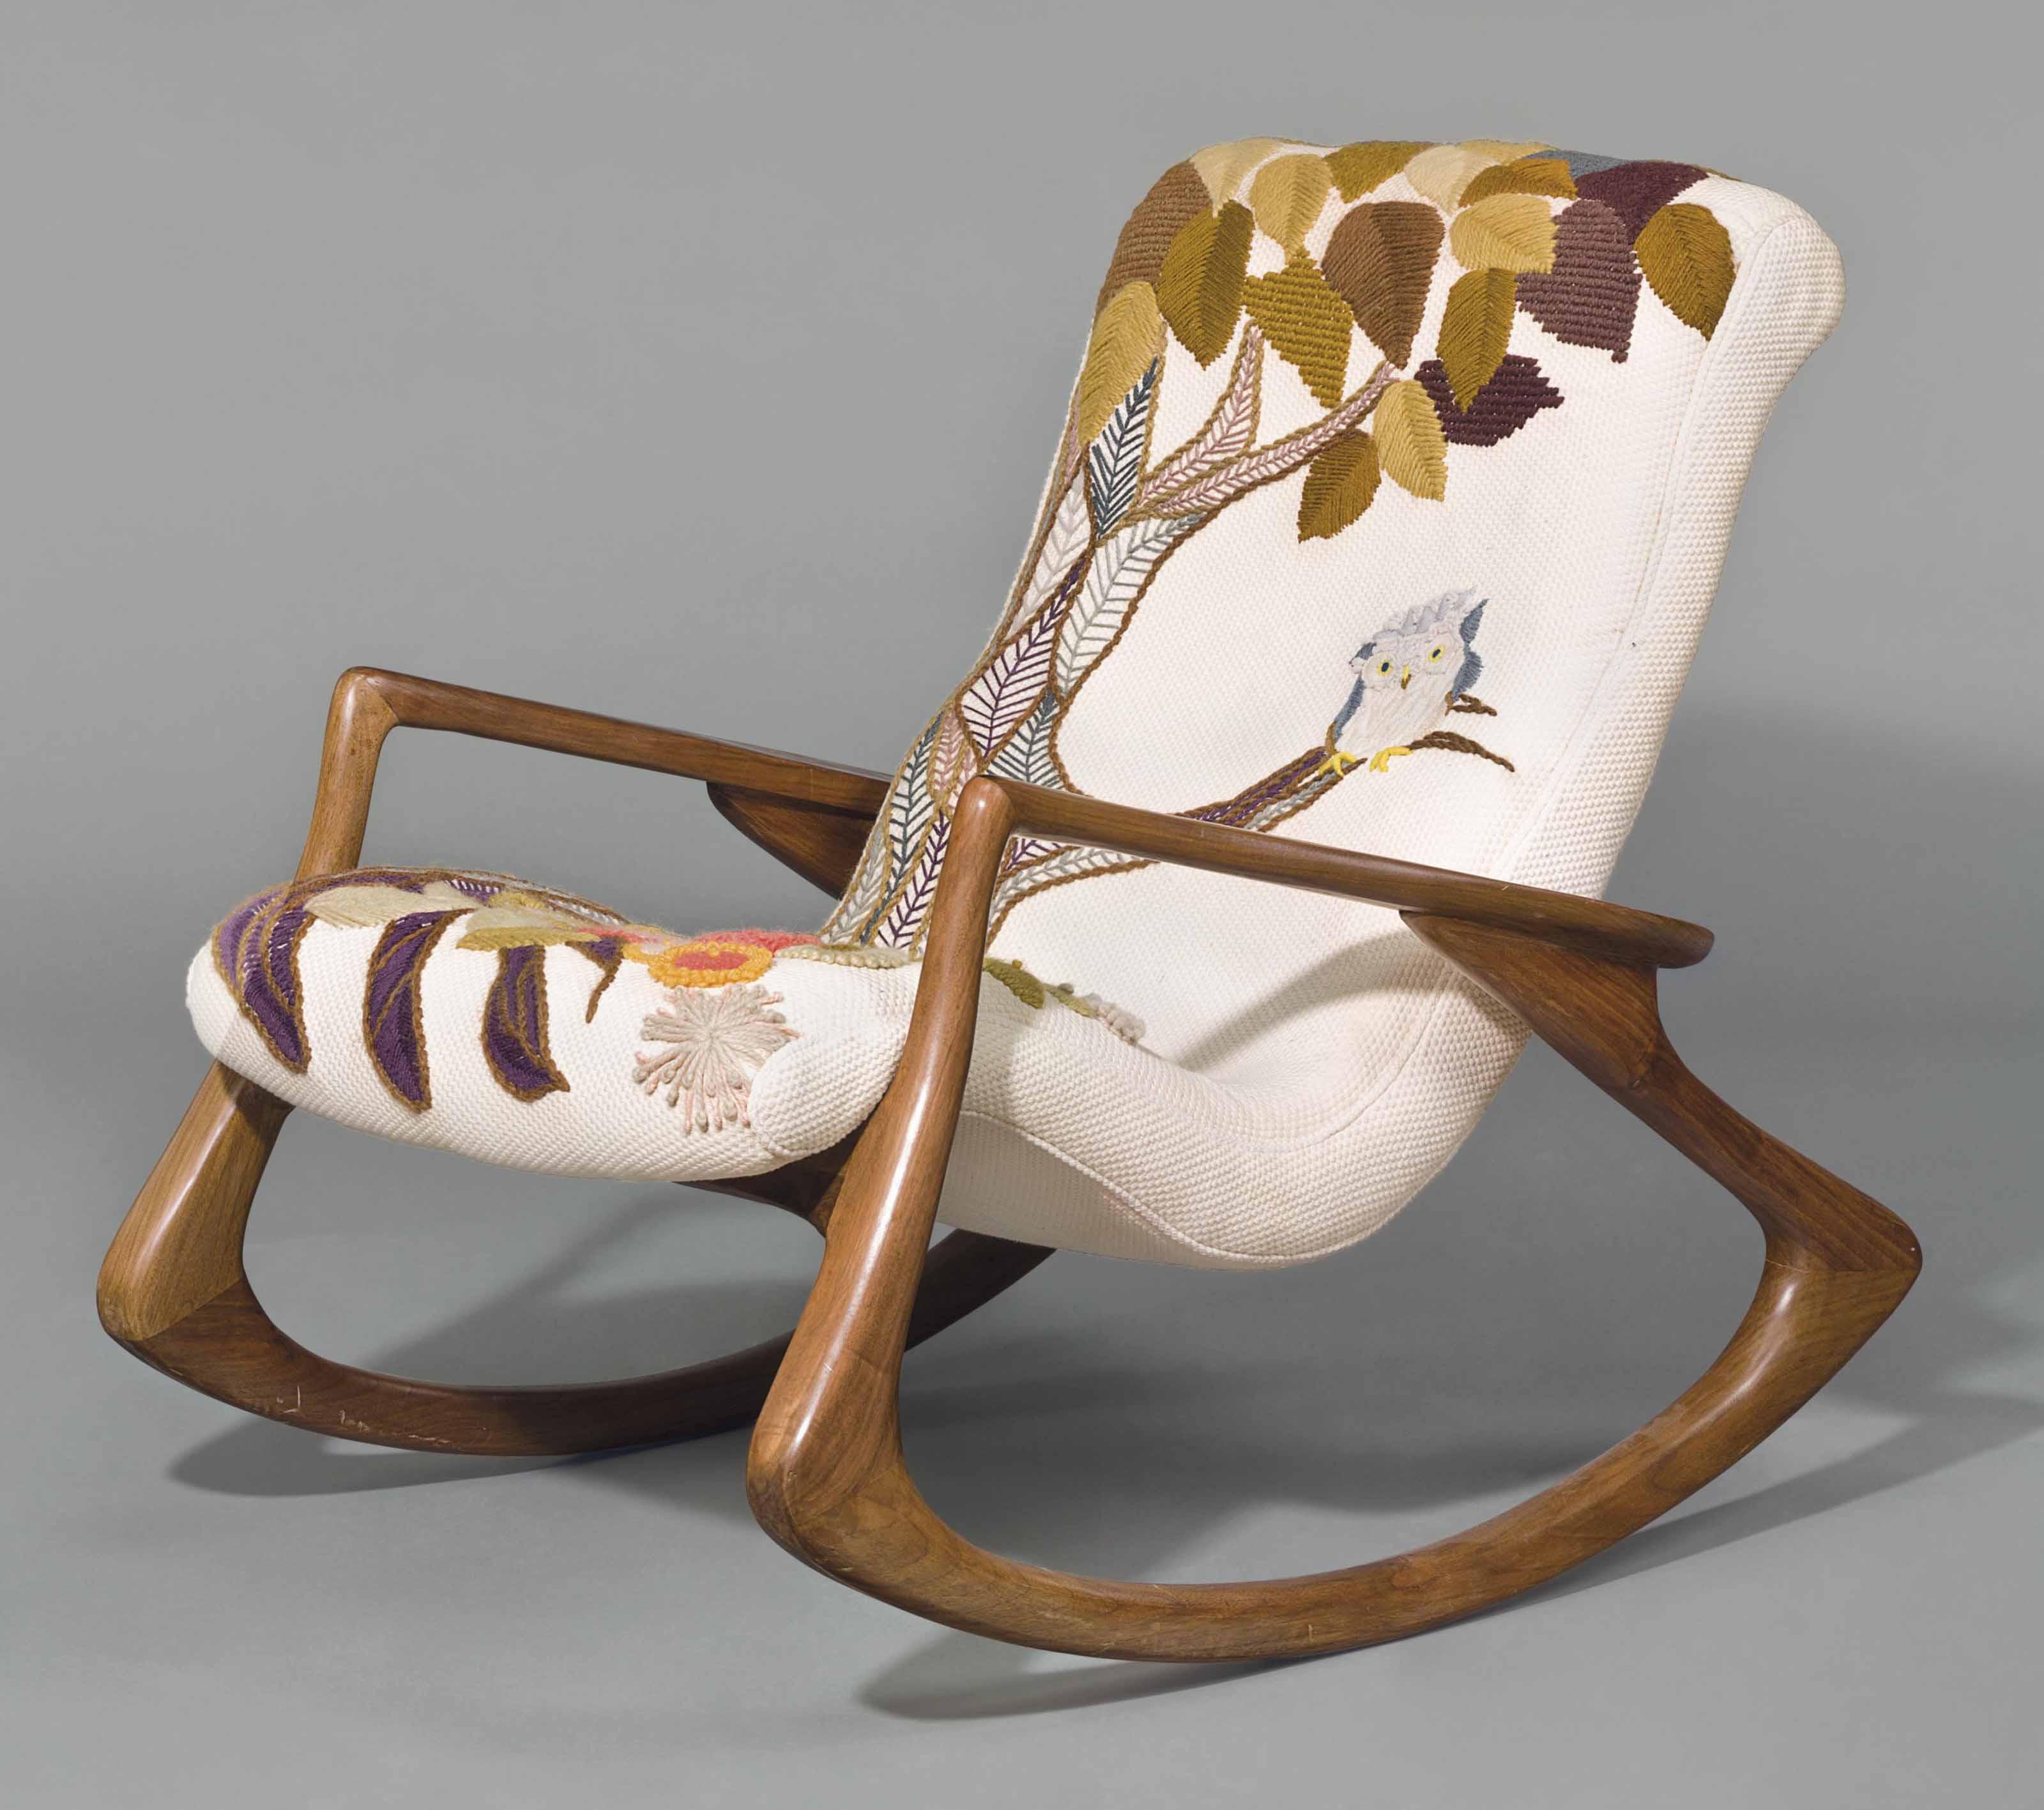 Vladimir Kagan B 1927 A Rocking Chair Circa 1955